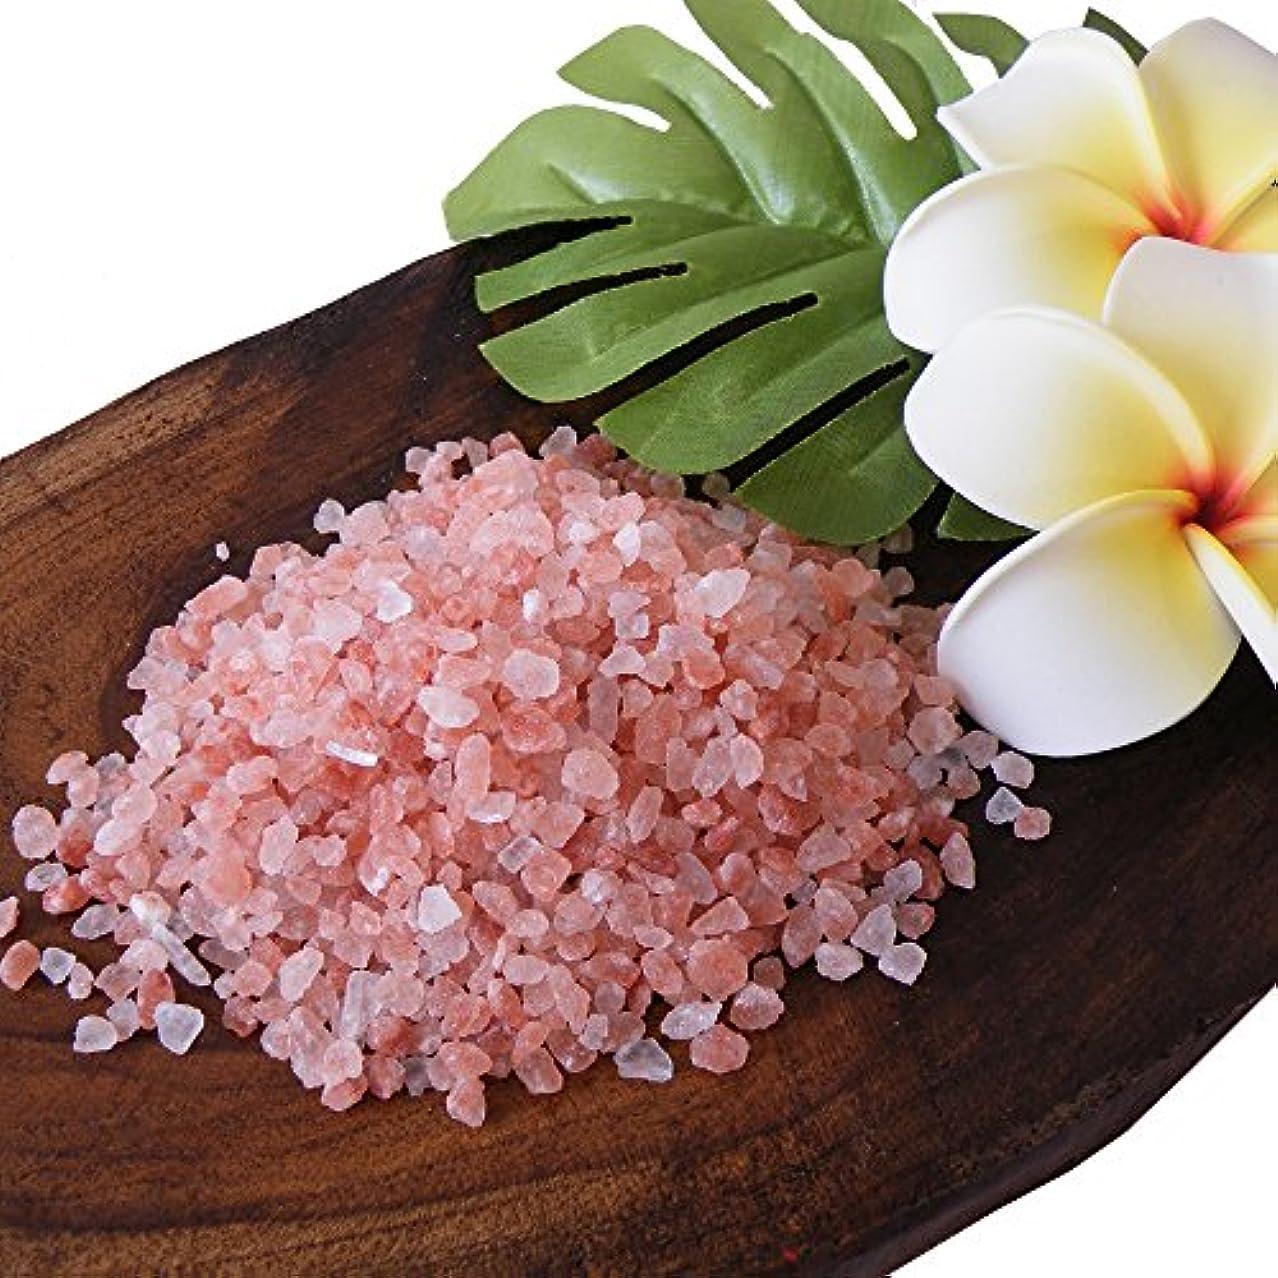 ヒマラヤ岩塩 バスソルト ローズソルト (ダークピンク岩塩)小粒タイプ お試し1kg(ソルト内容量970g)